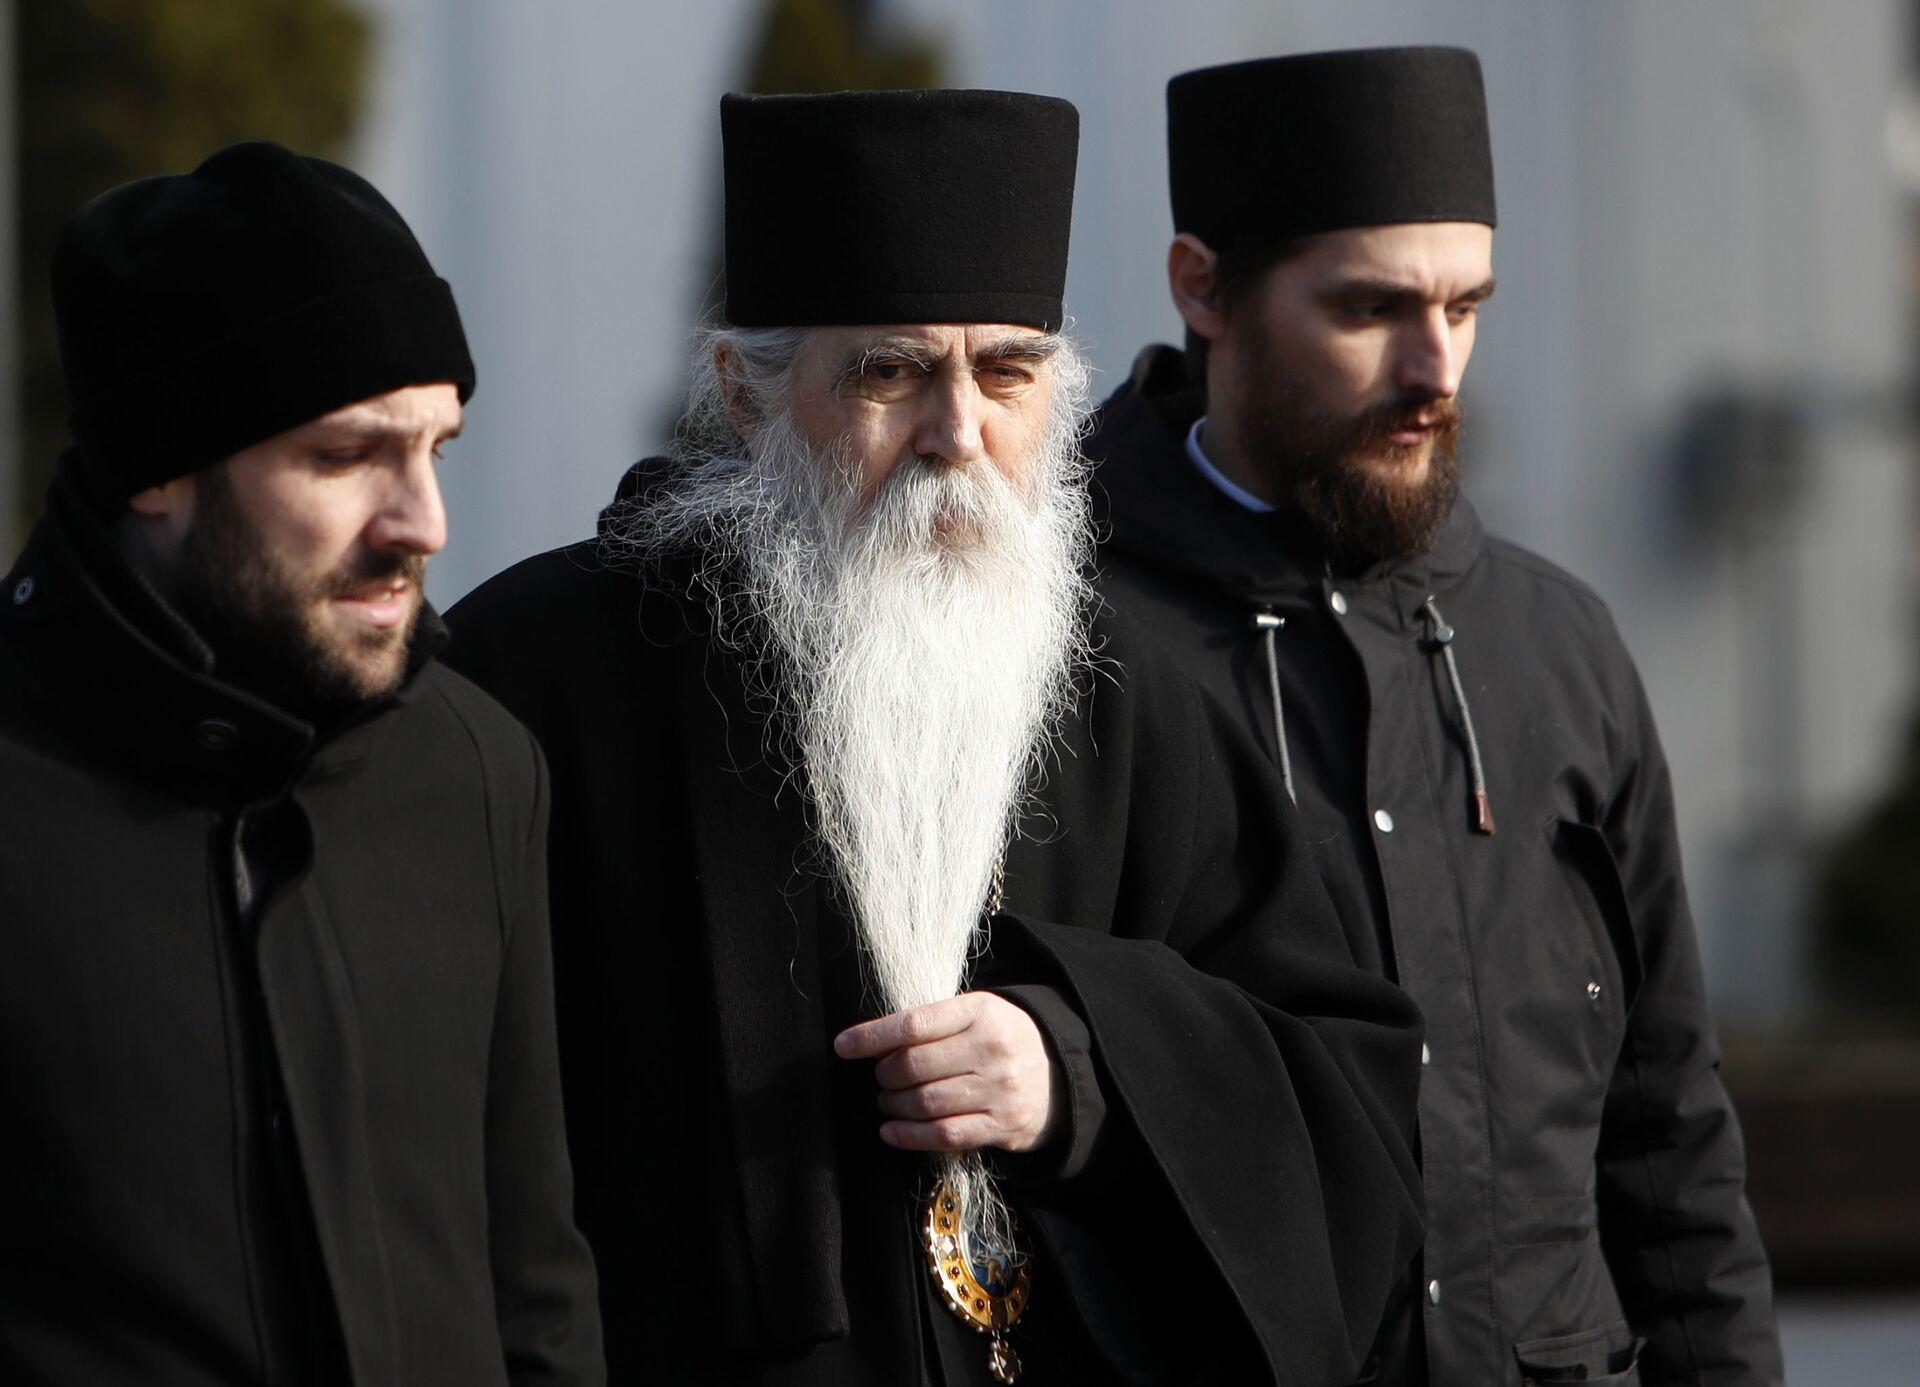 Епископ бачки Иринеј Буловић долази у Храм Светог Саве. - Sputnik Србија, 1920, 13.07.2021